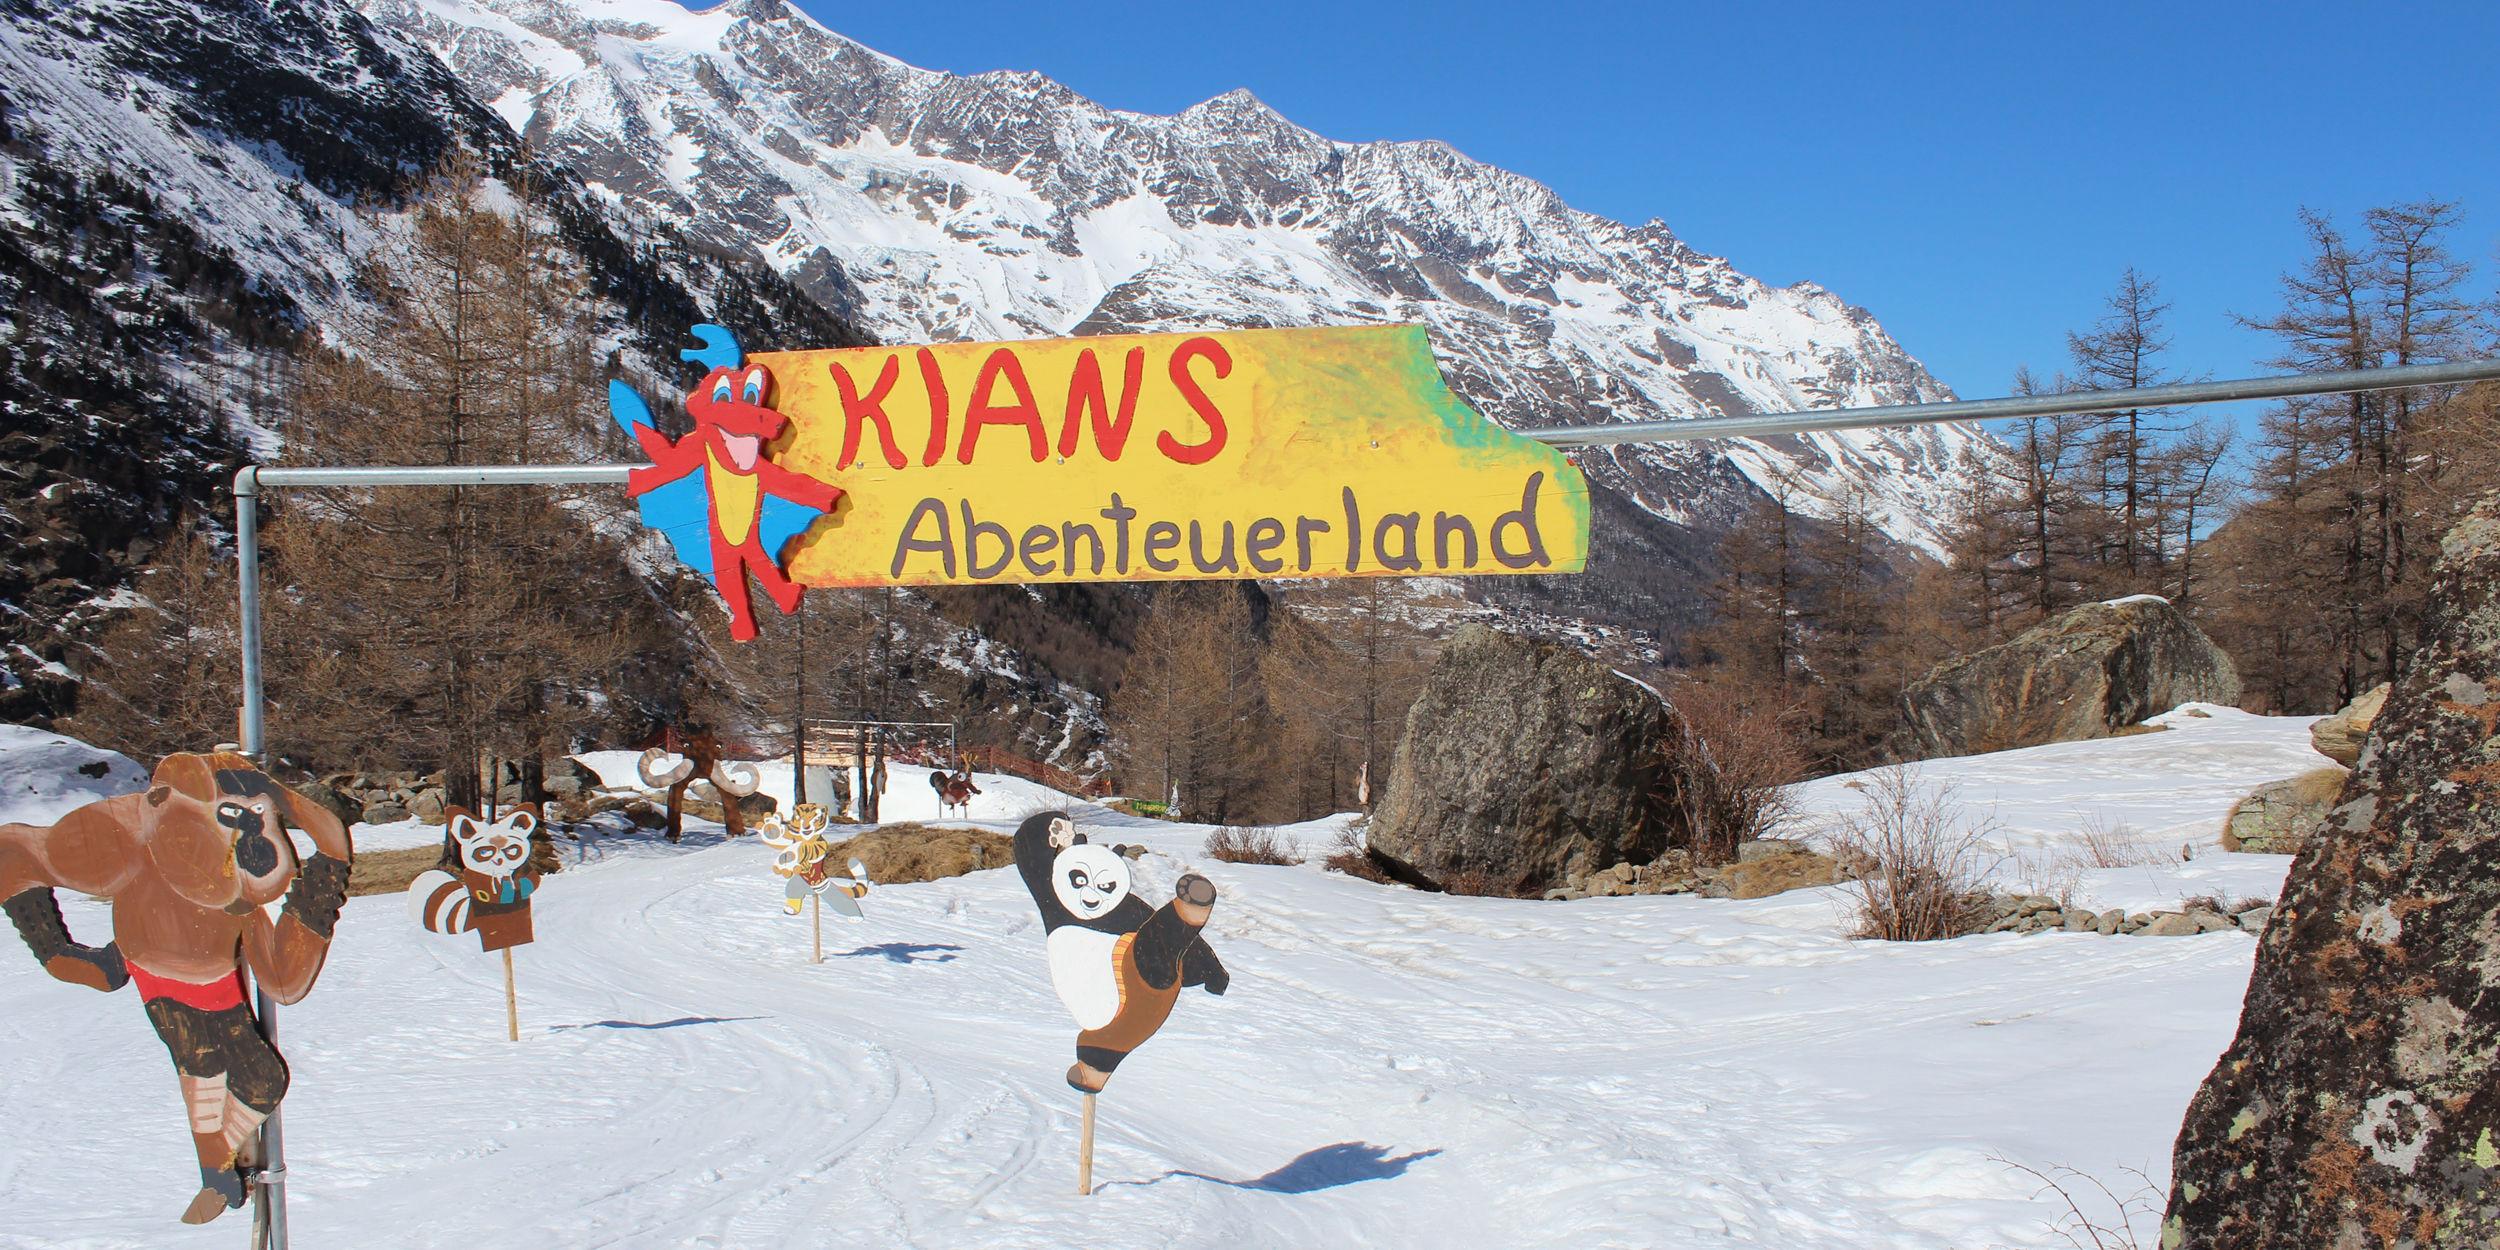 Kians Abenteuerland - Freie Ferienrepublik Saas-Fee